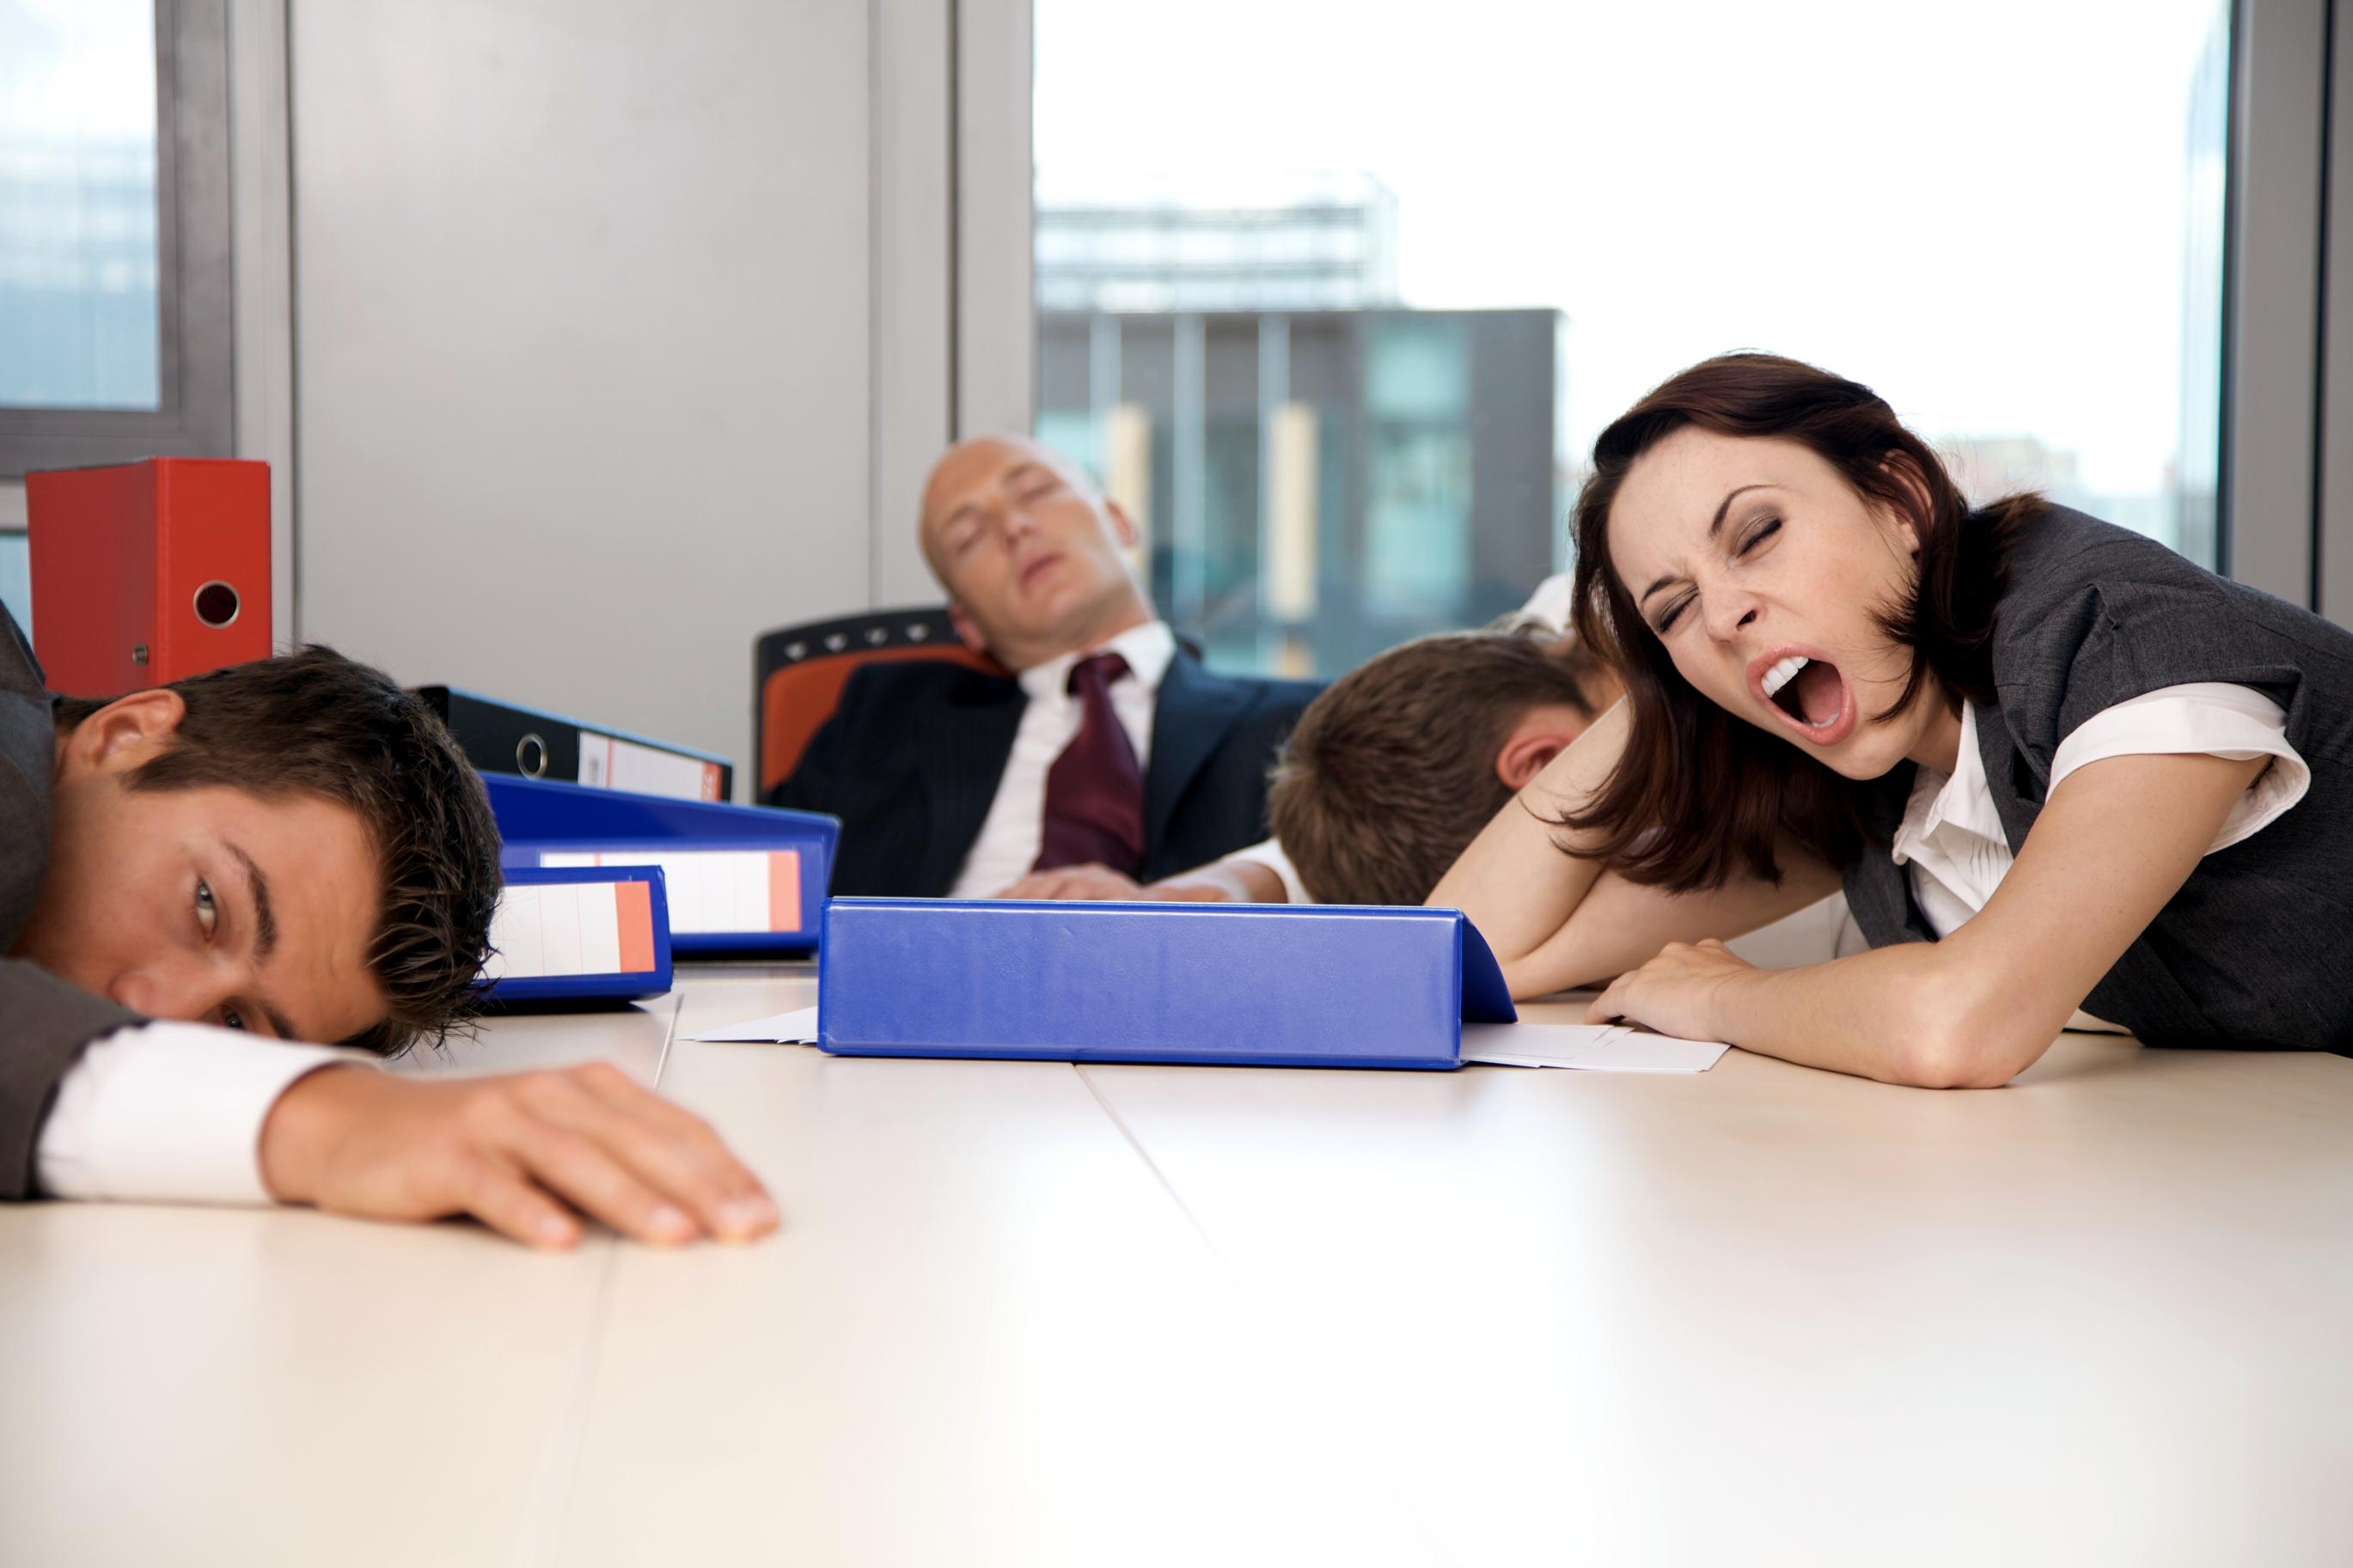 mantenerse despierto en la jornada laboral, no dormir en la jornada laboral